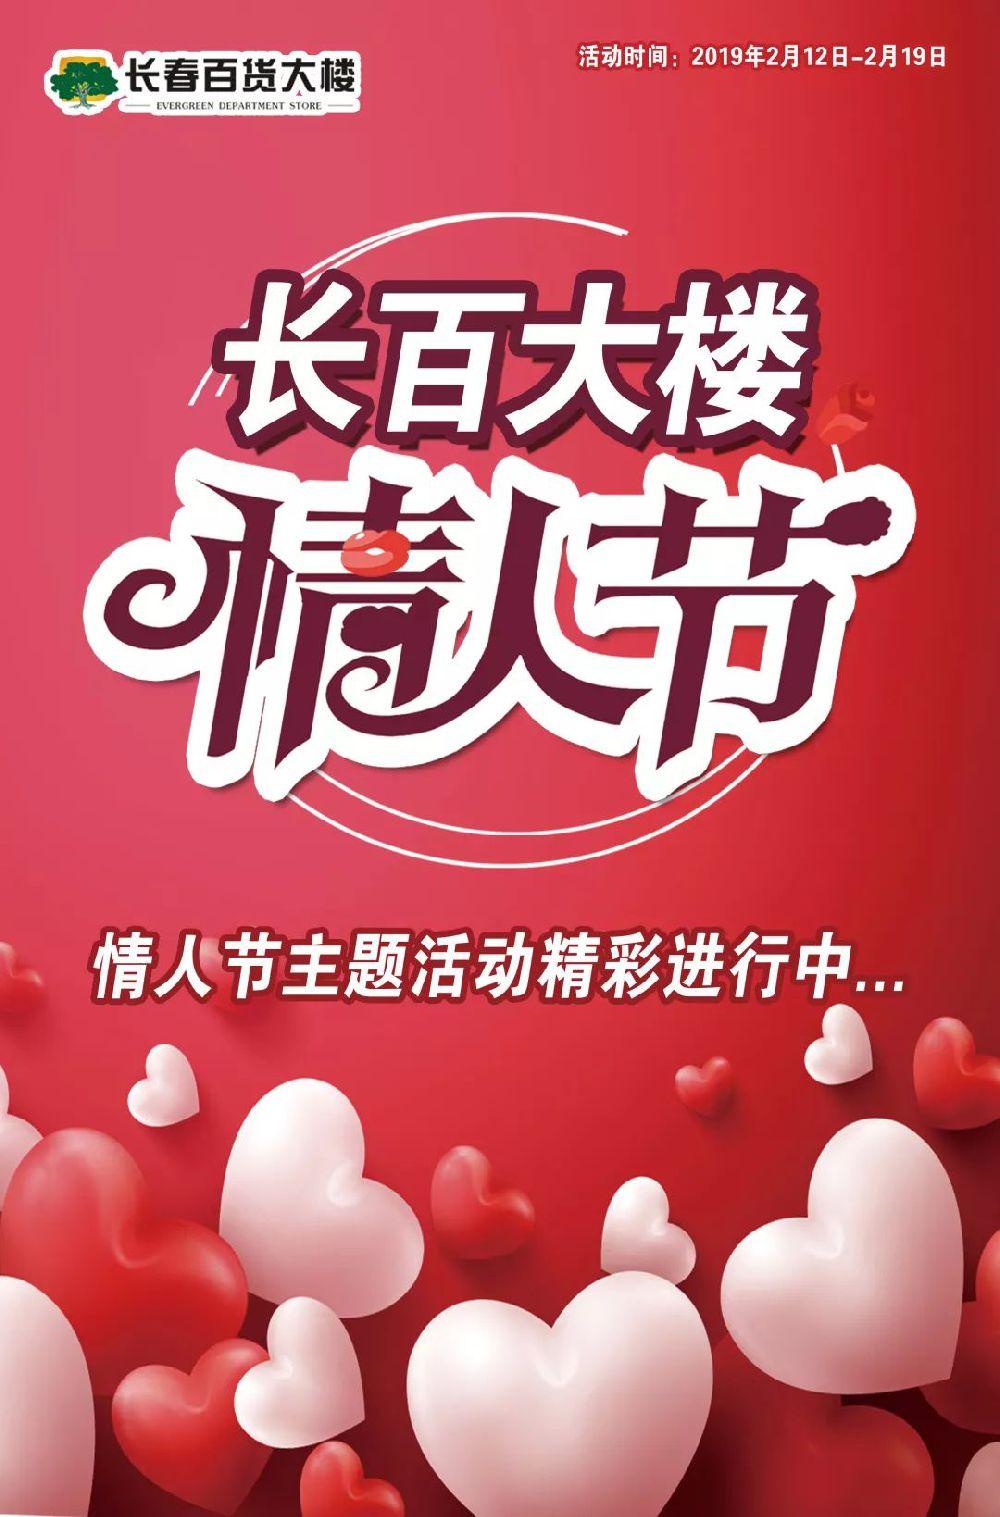 2019长春情人节长春百货大楼打折优惠活动